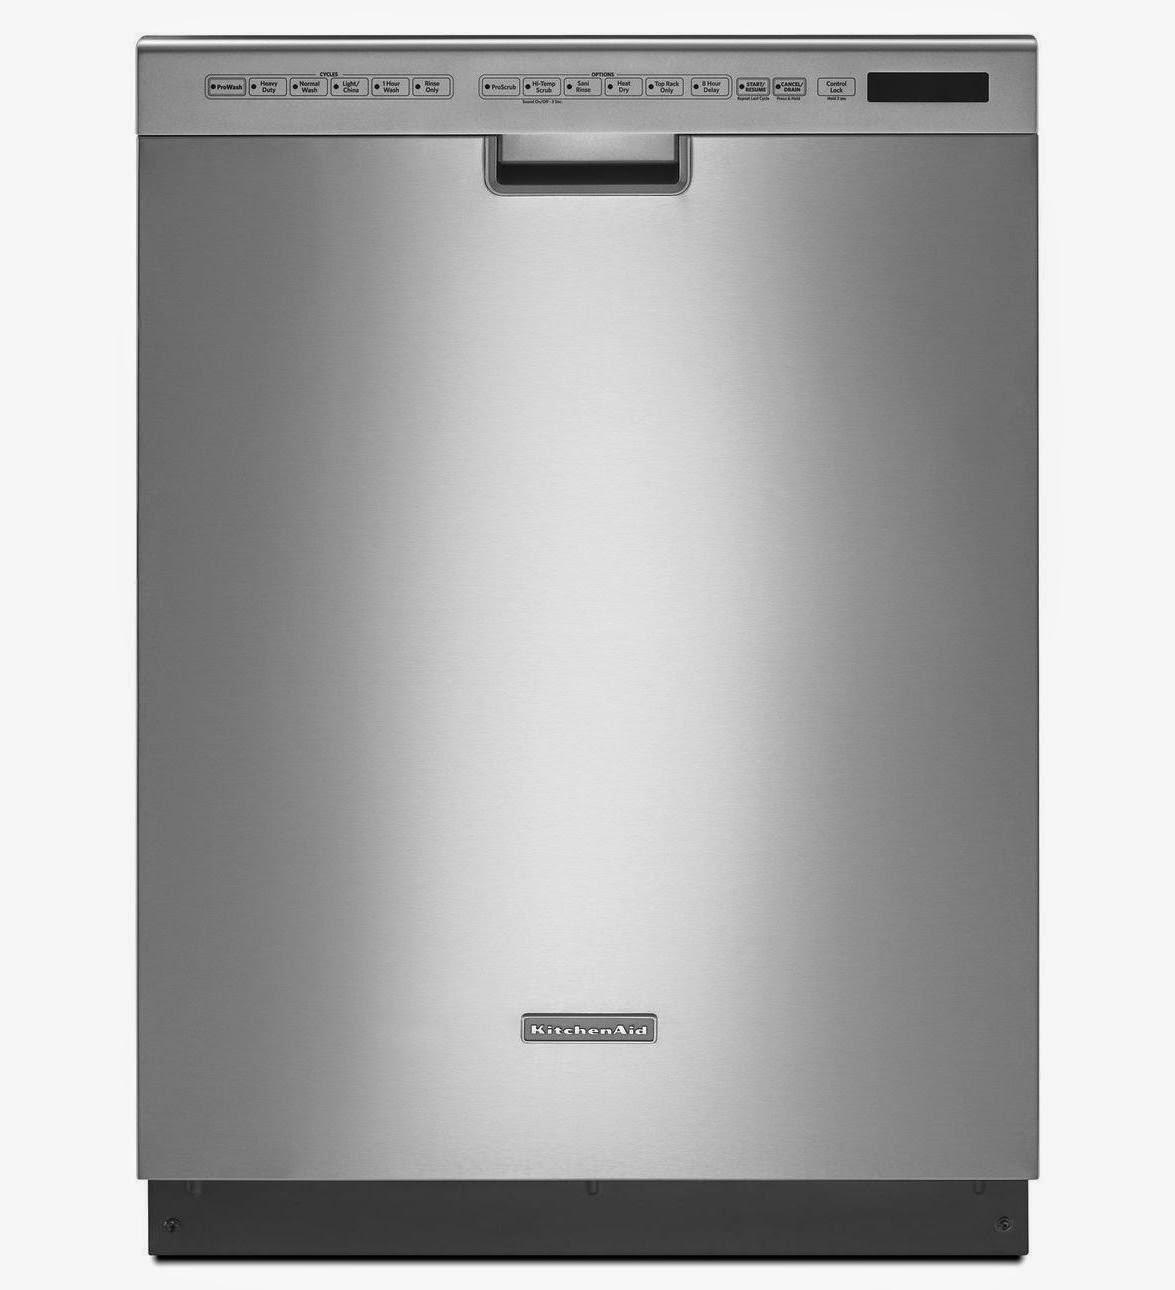 Lowes Dishwasher